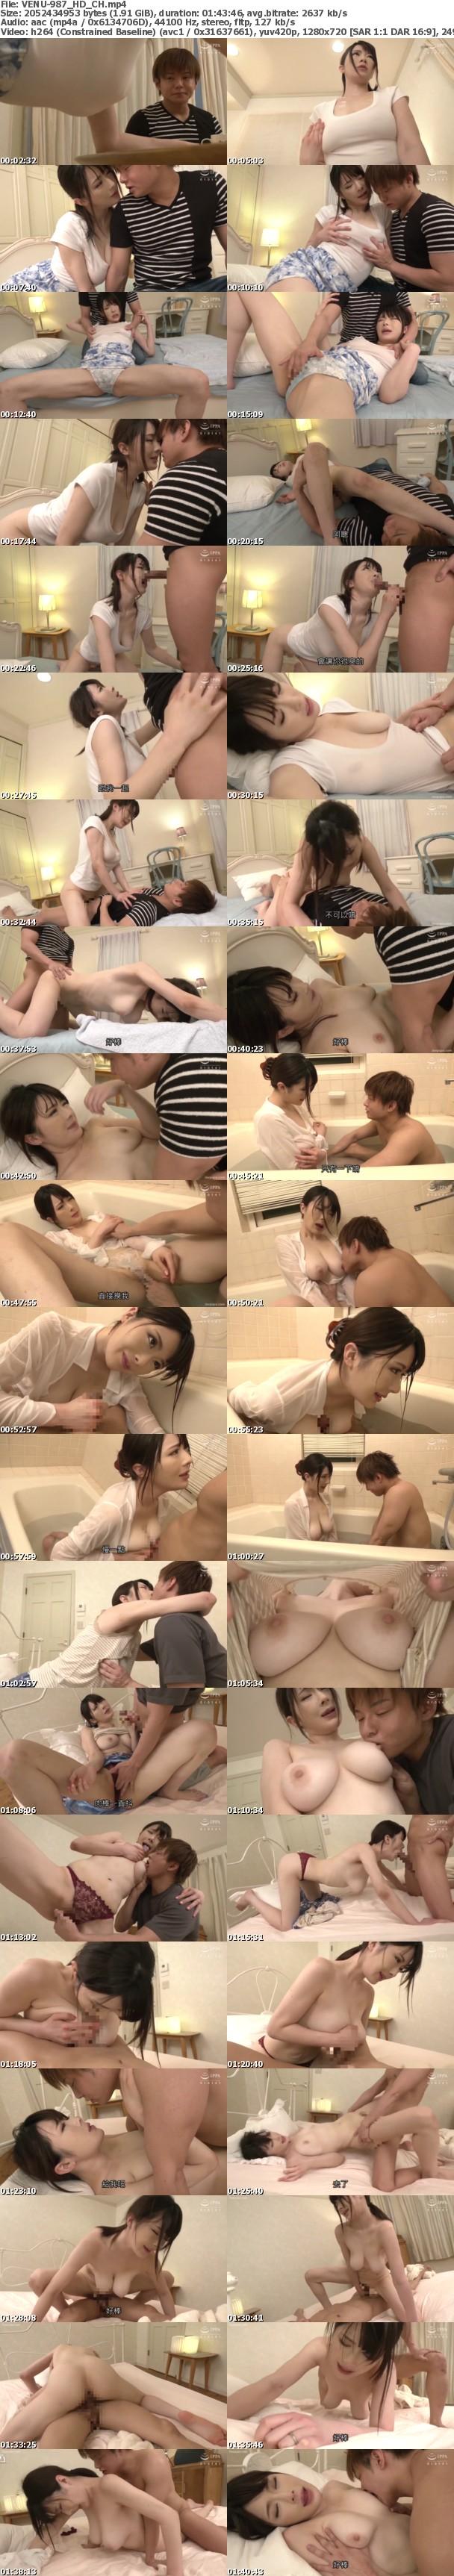 [中字] VENU-987 被兒媳不戴胸罩胸部猛烈吸引中出應對的絶倫兒子 辻井穗乃果